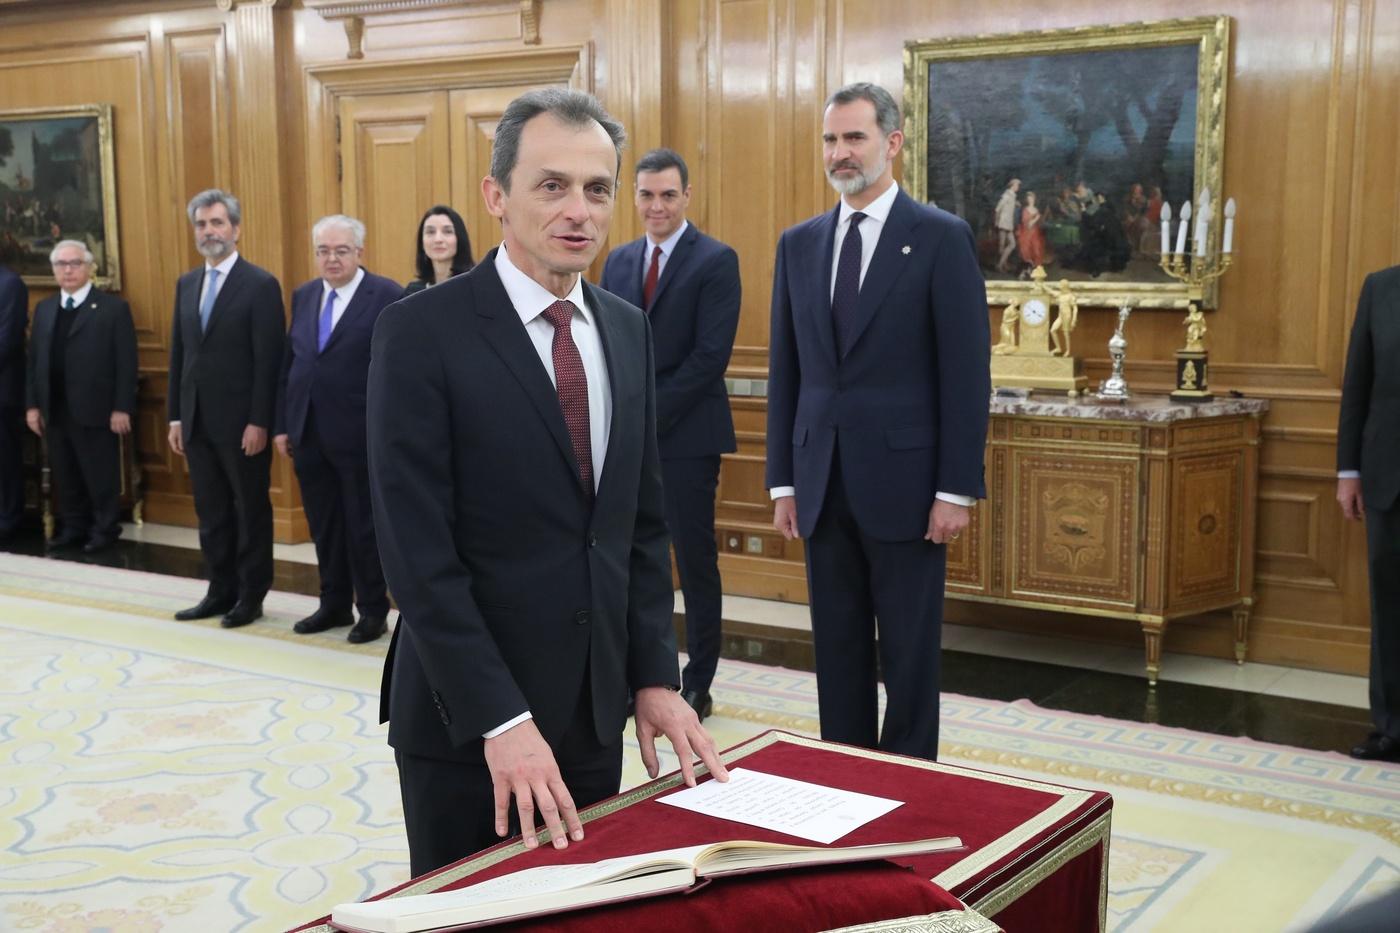 https://www.casareal.es/sitios/ListasAux/Galeras/20200113-PROMESA_DE_LOS_MINISTROS_DEL_N-ES-230187/rey_promesa_ministros_20200113_19.jpg